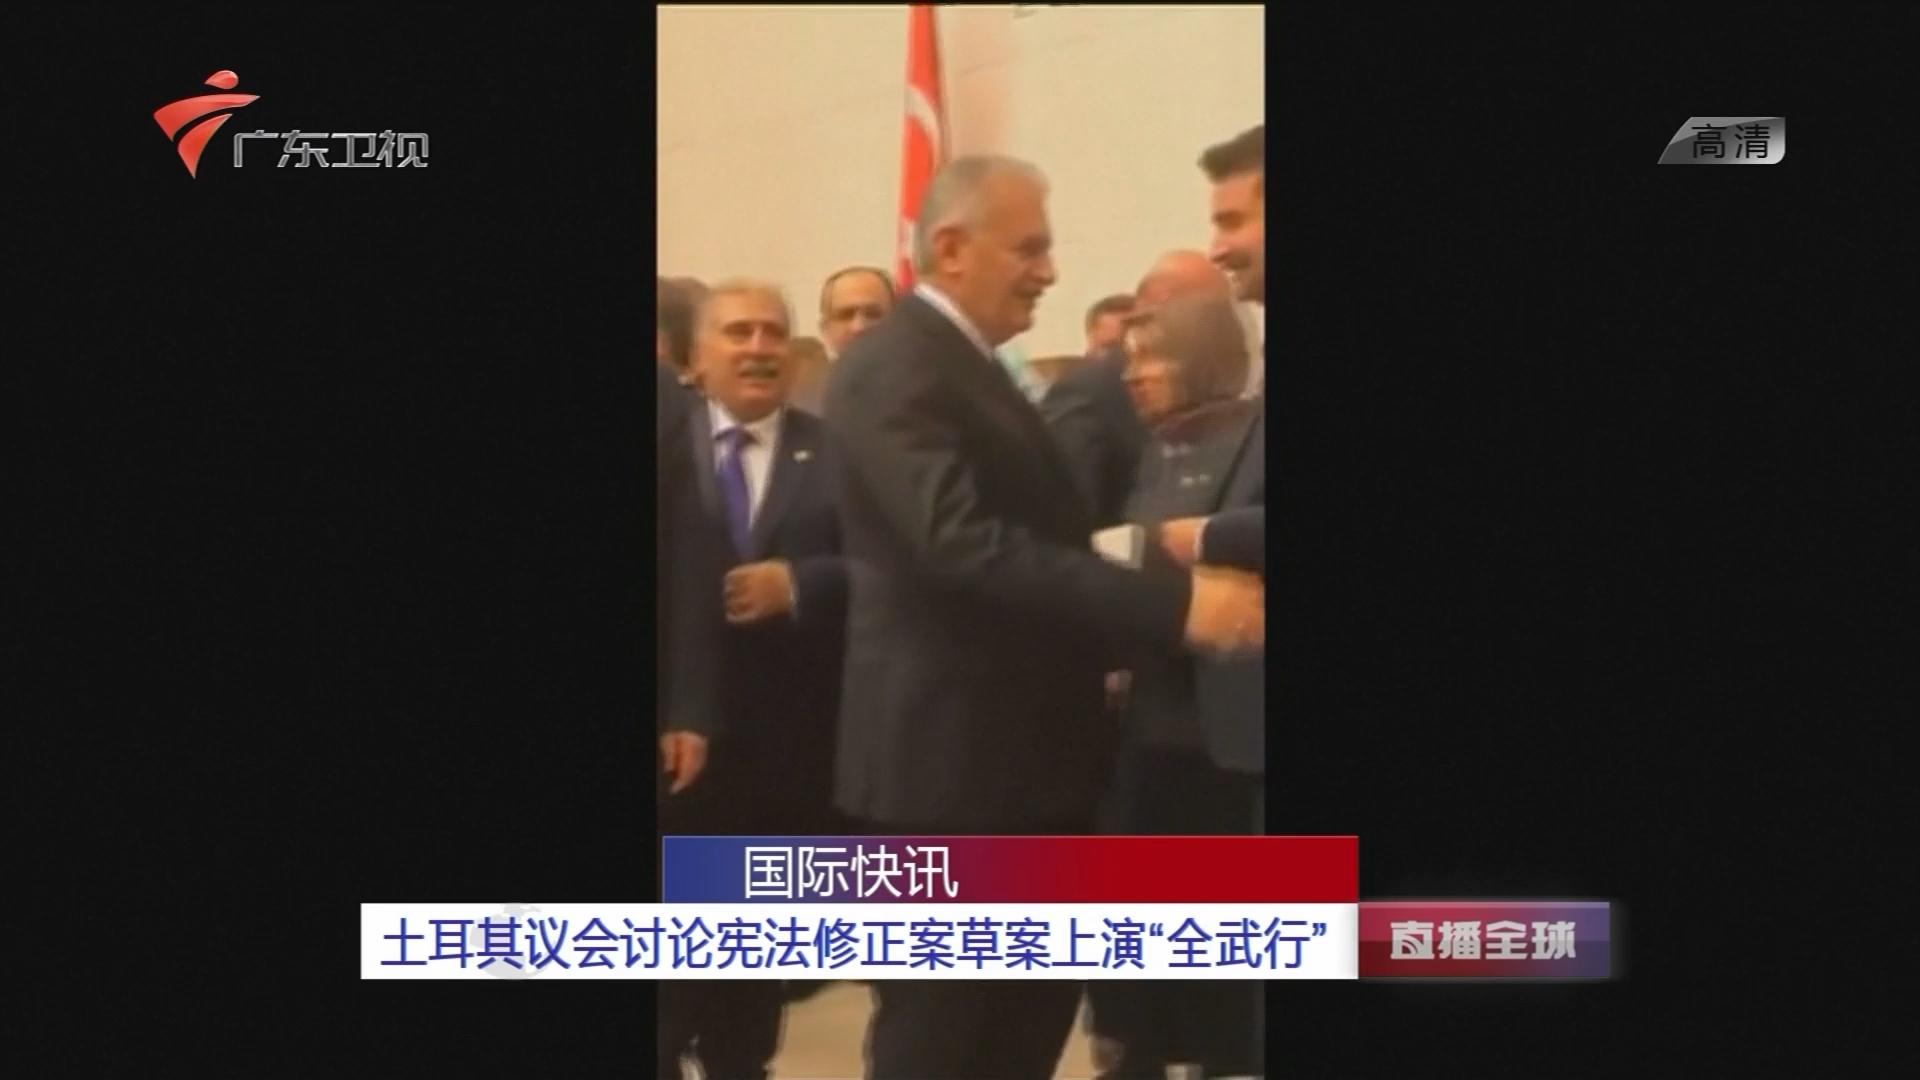 """国际快讯:土耳其议会讨论宪法修正案草案上演""""全武行"""""""